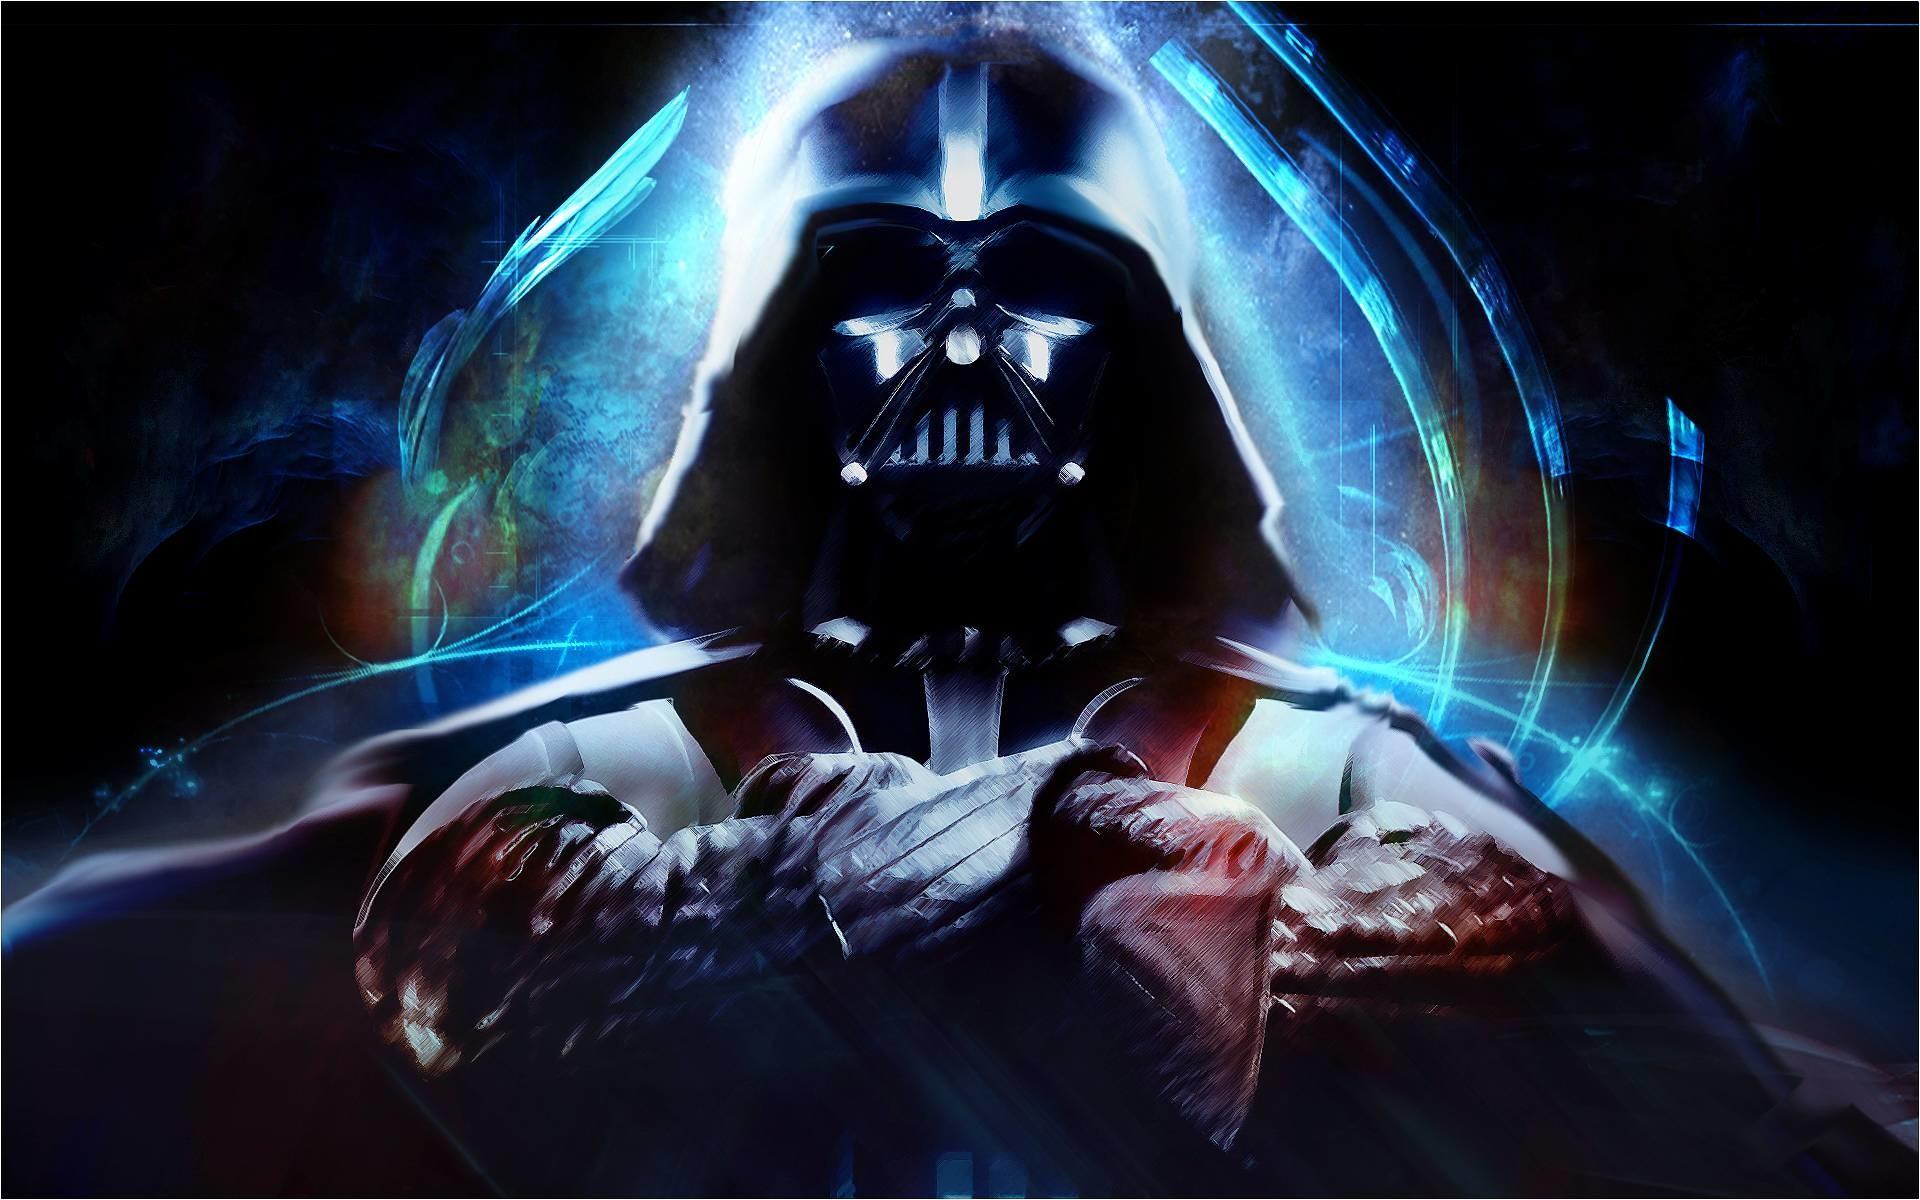 Darth Vader Animated Wallpaper Nosirix